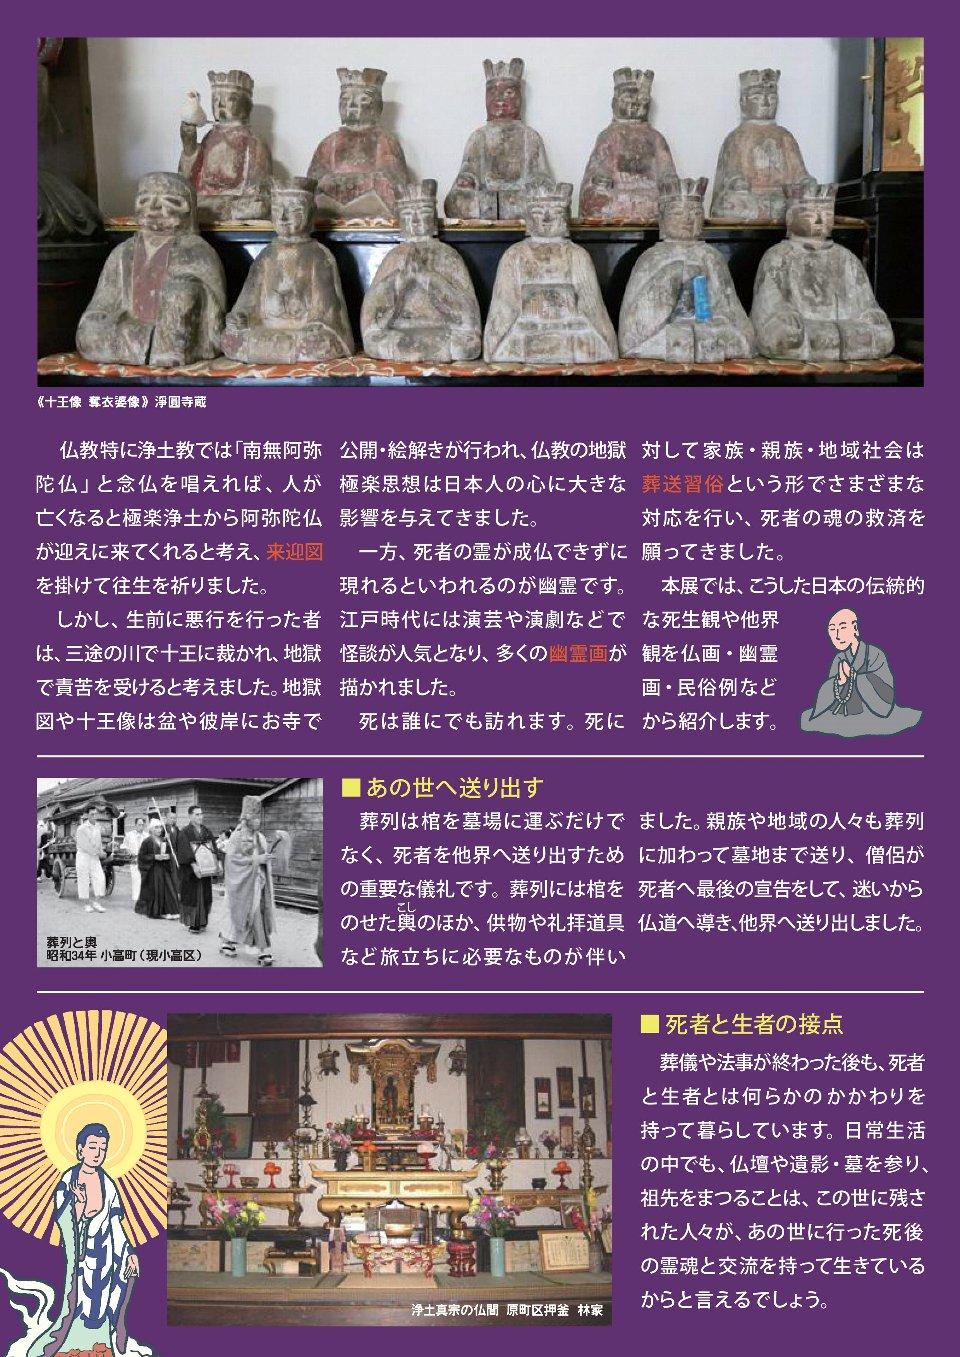 企画展「冥界へようこそ」- 南相馬市博物館2